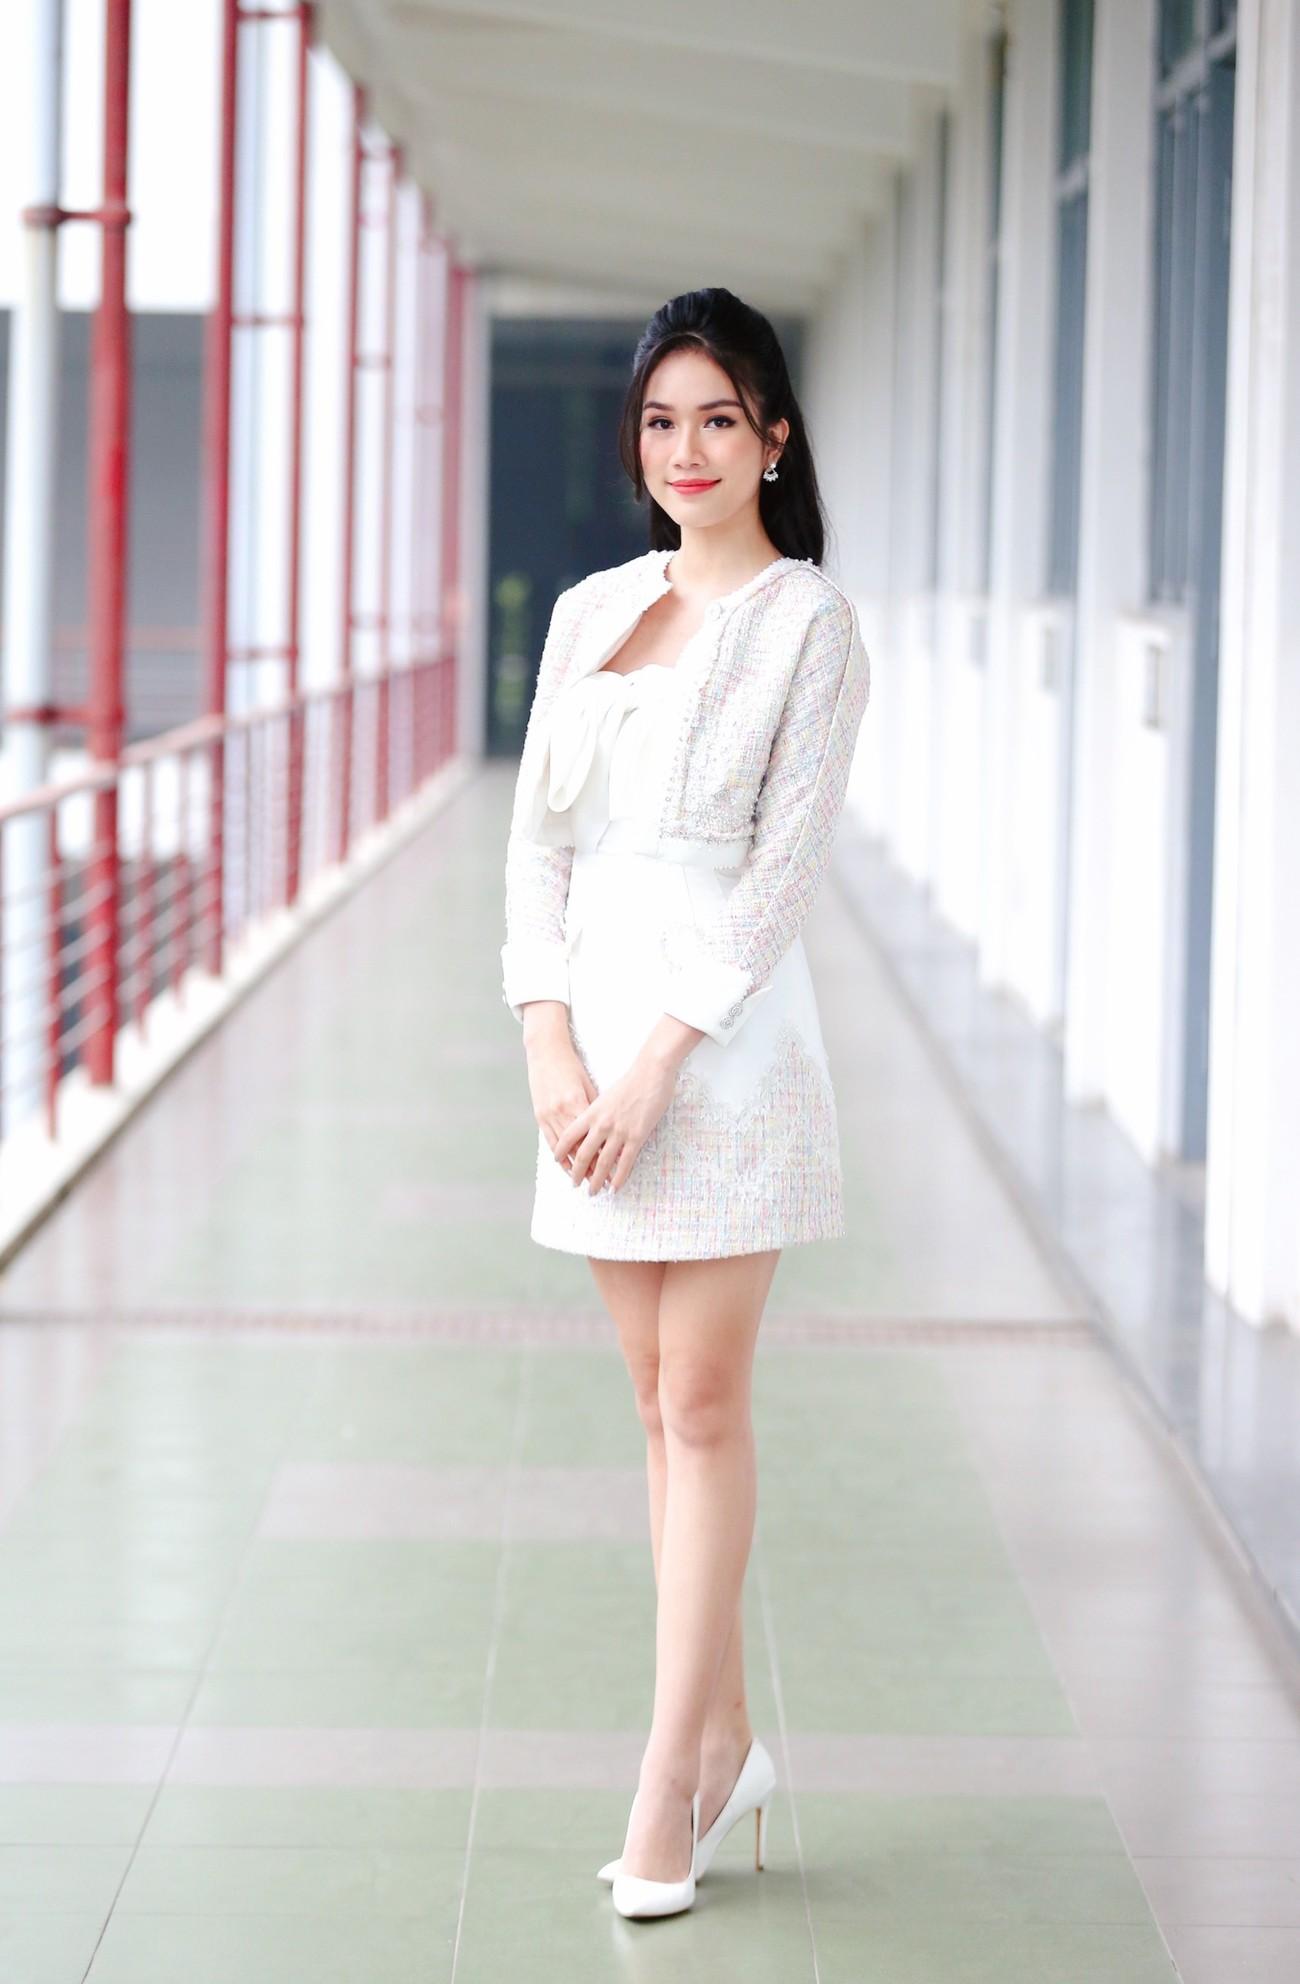 Hoa hậu Đỗ Thị Hà và Á hậu Phương Anh, Ngọc Thảo giản dị vẫn cực xinh đẹp ảnh 5